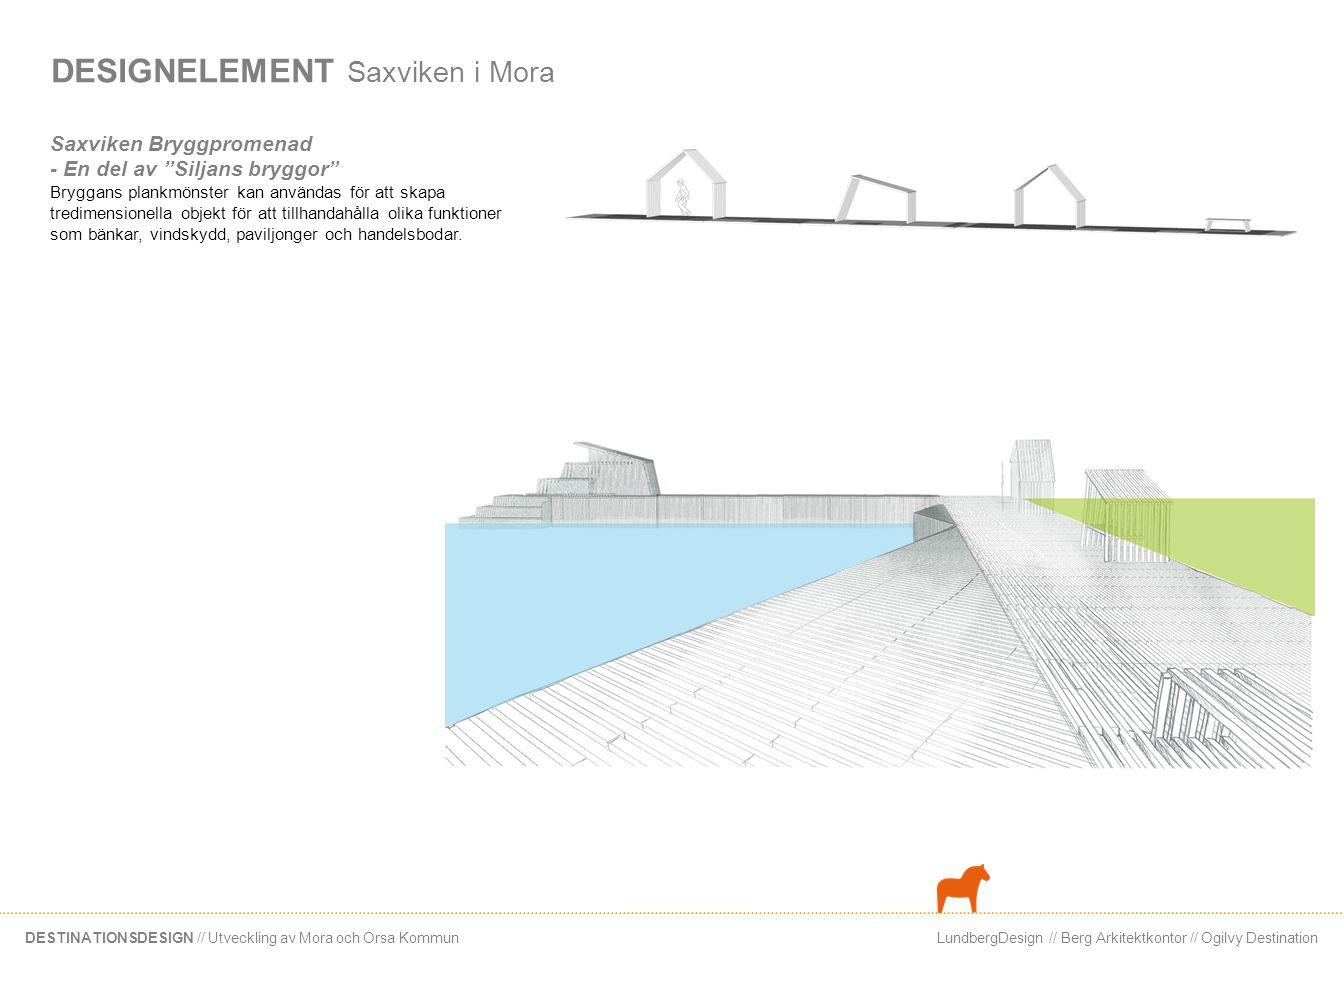 LundbergDesign // Berg Arkitektkontor // Ogilvy DestinationDESTINATIONSDESIGN // Utveckling av Mora och Orsa Kommun DESIGNELEMENT Saxviken i Mora Centrums förlängning - Pir För att stärka den visuella kopplingen mellan Moras stadskärna och Siljans vatten bör existerande siktlinjer öppnas upp och förlängas.